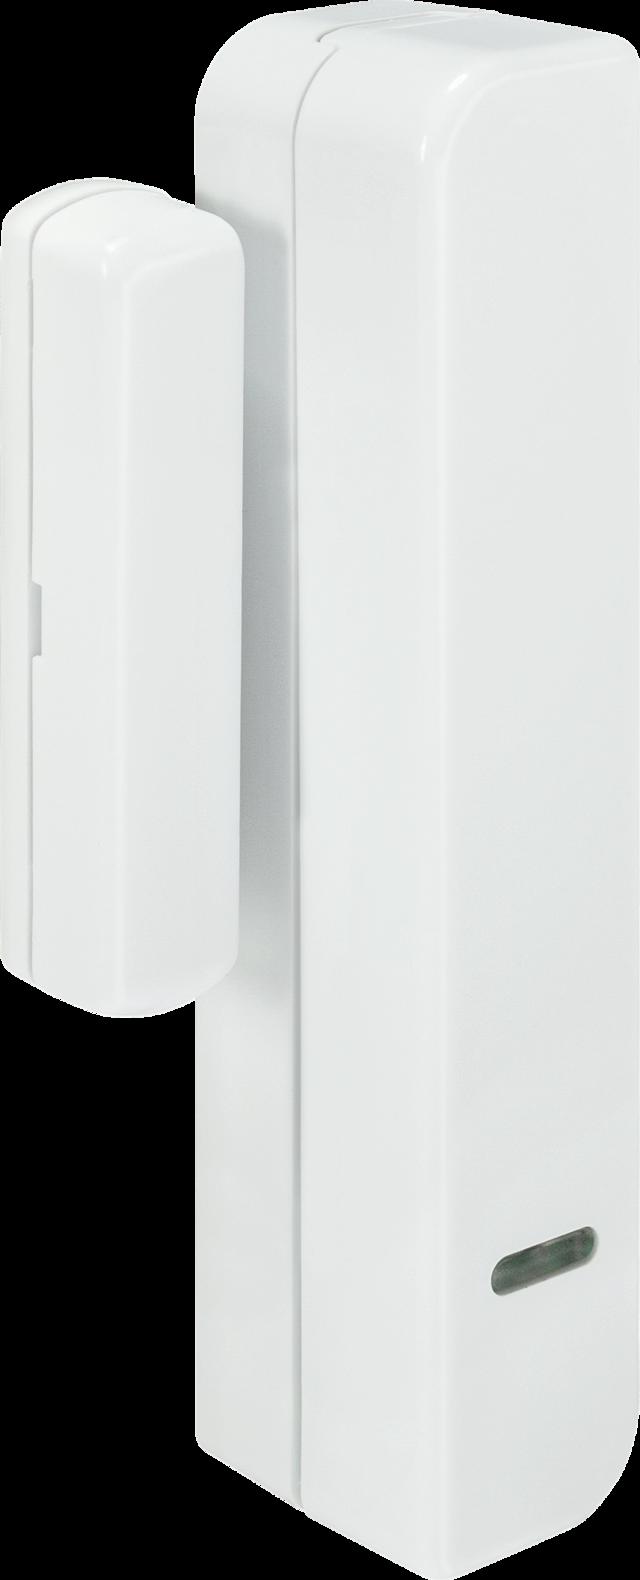 Secvest Schmaler Funk-Öffnungsmelder (weiß) Rechte Vorderansicht